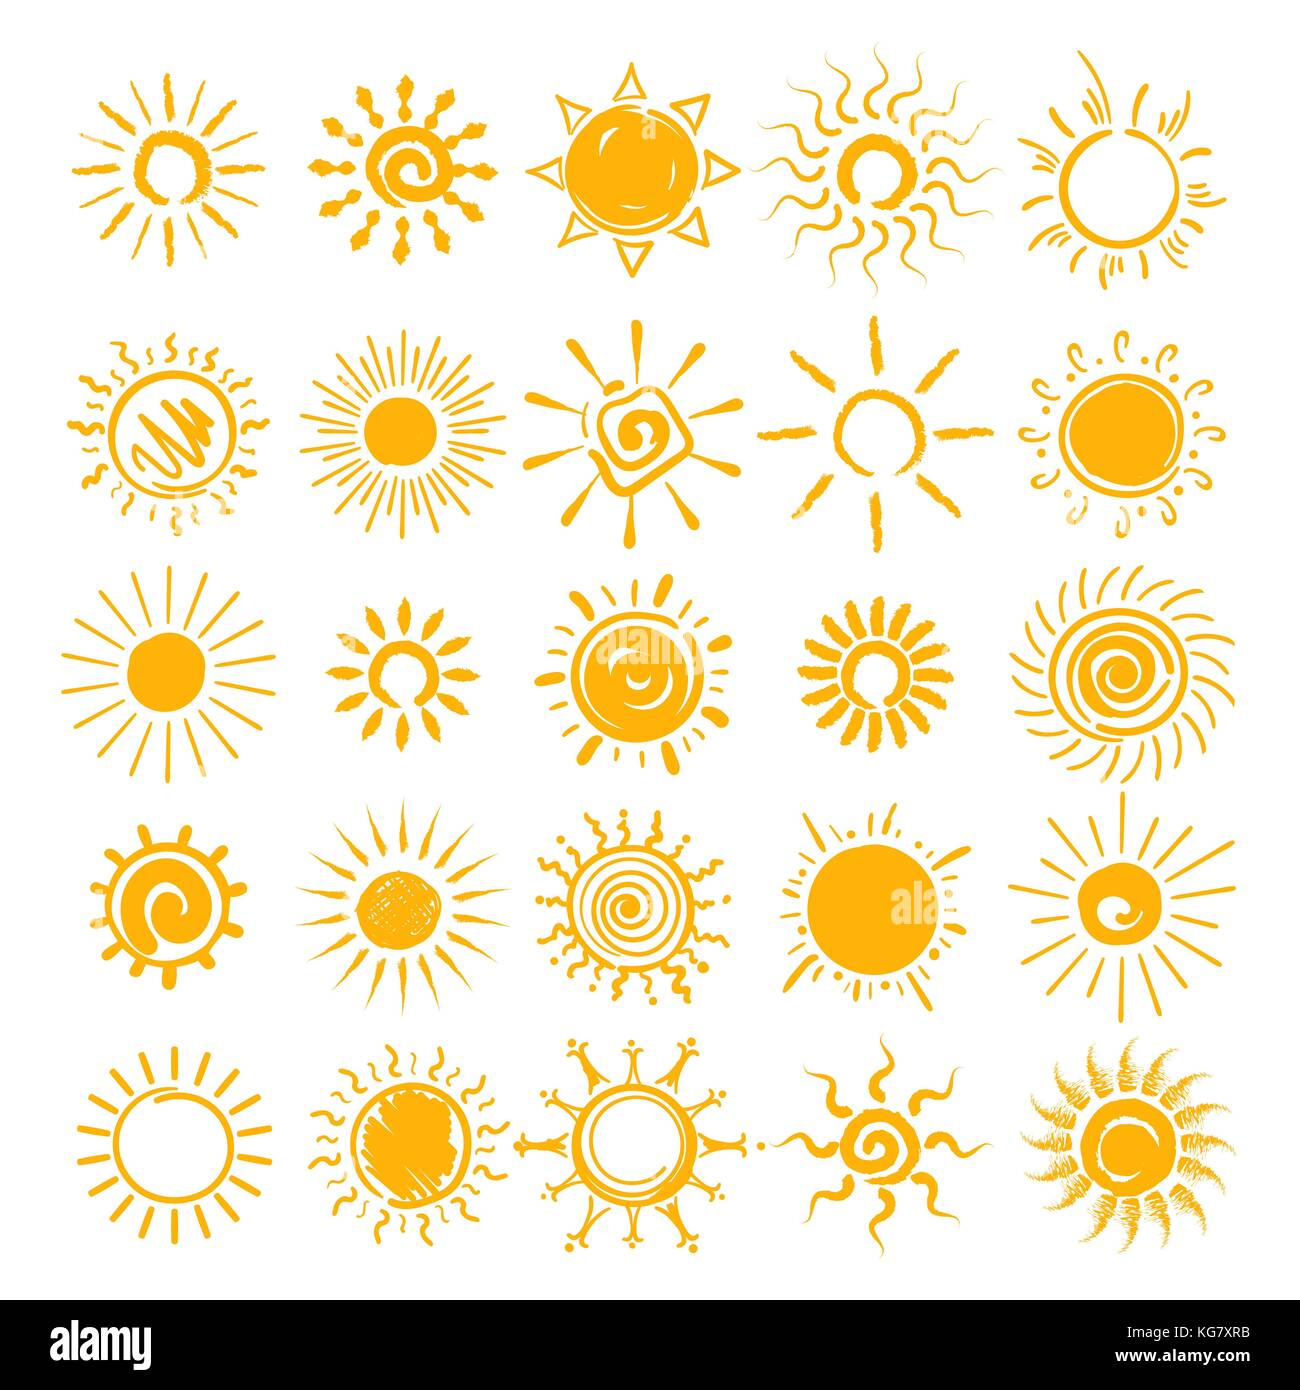 Vector illustration. soleil soleil, mains tirées des icônes cartoon doodle croquis d'été matin soleils isolé sur Illustration de Vecteur